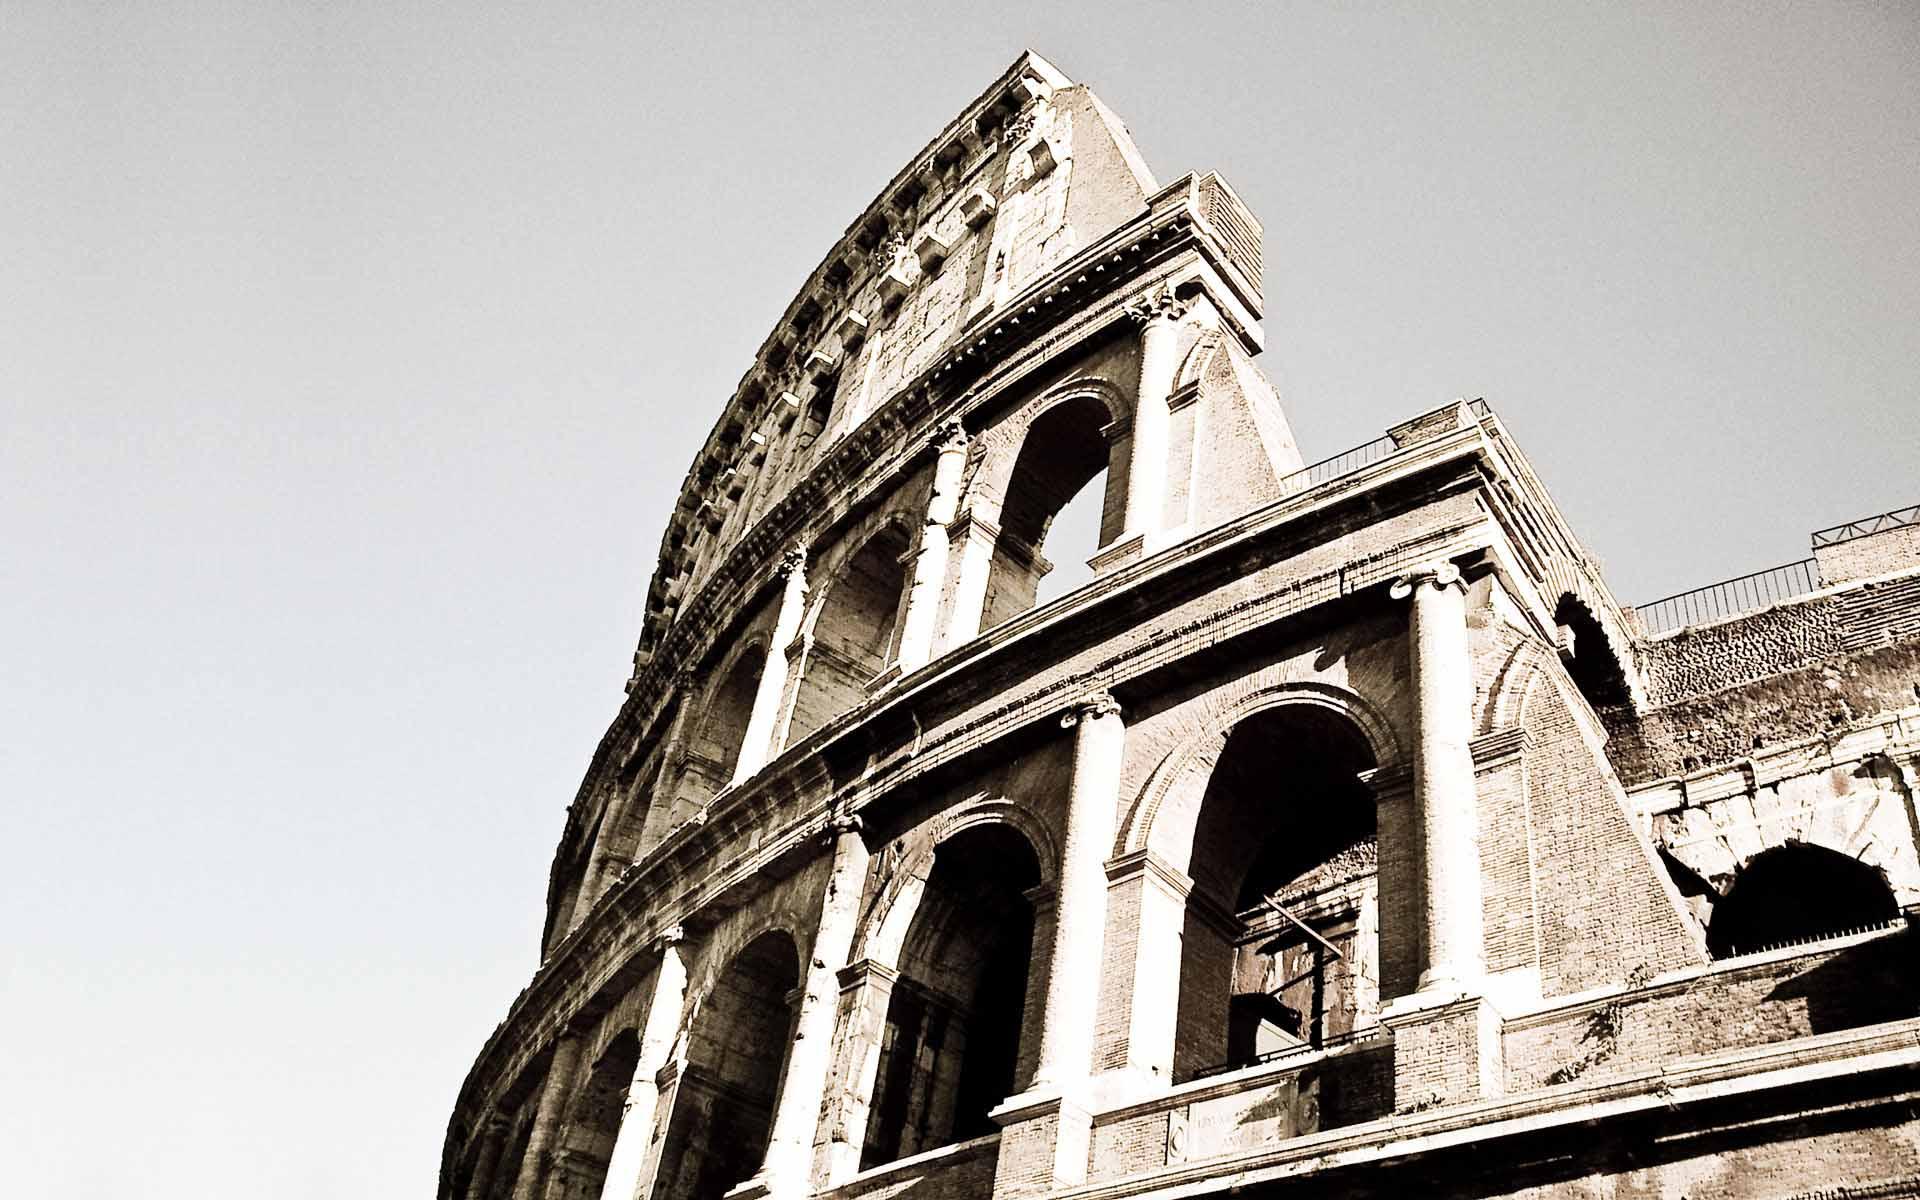 tlcharger fond decran rome - photo #40